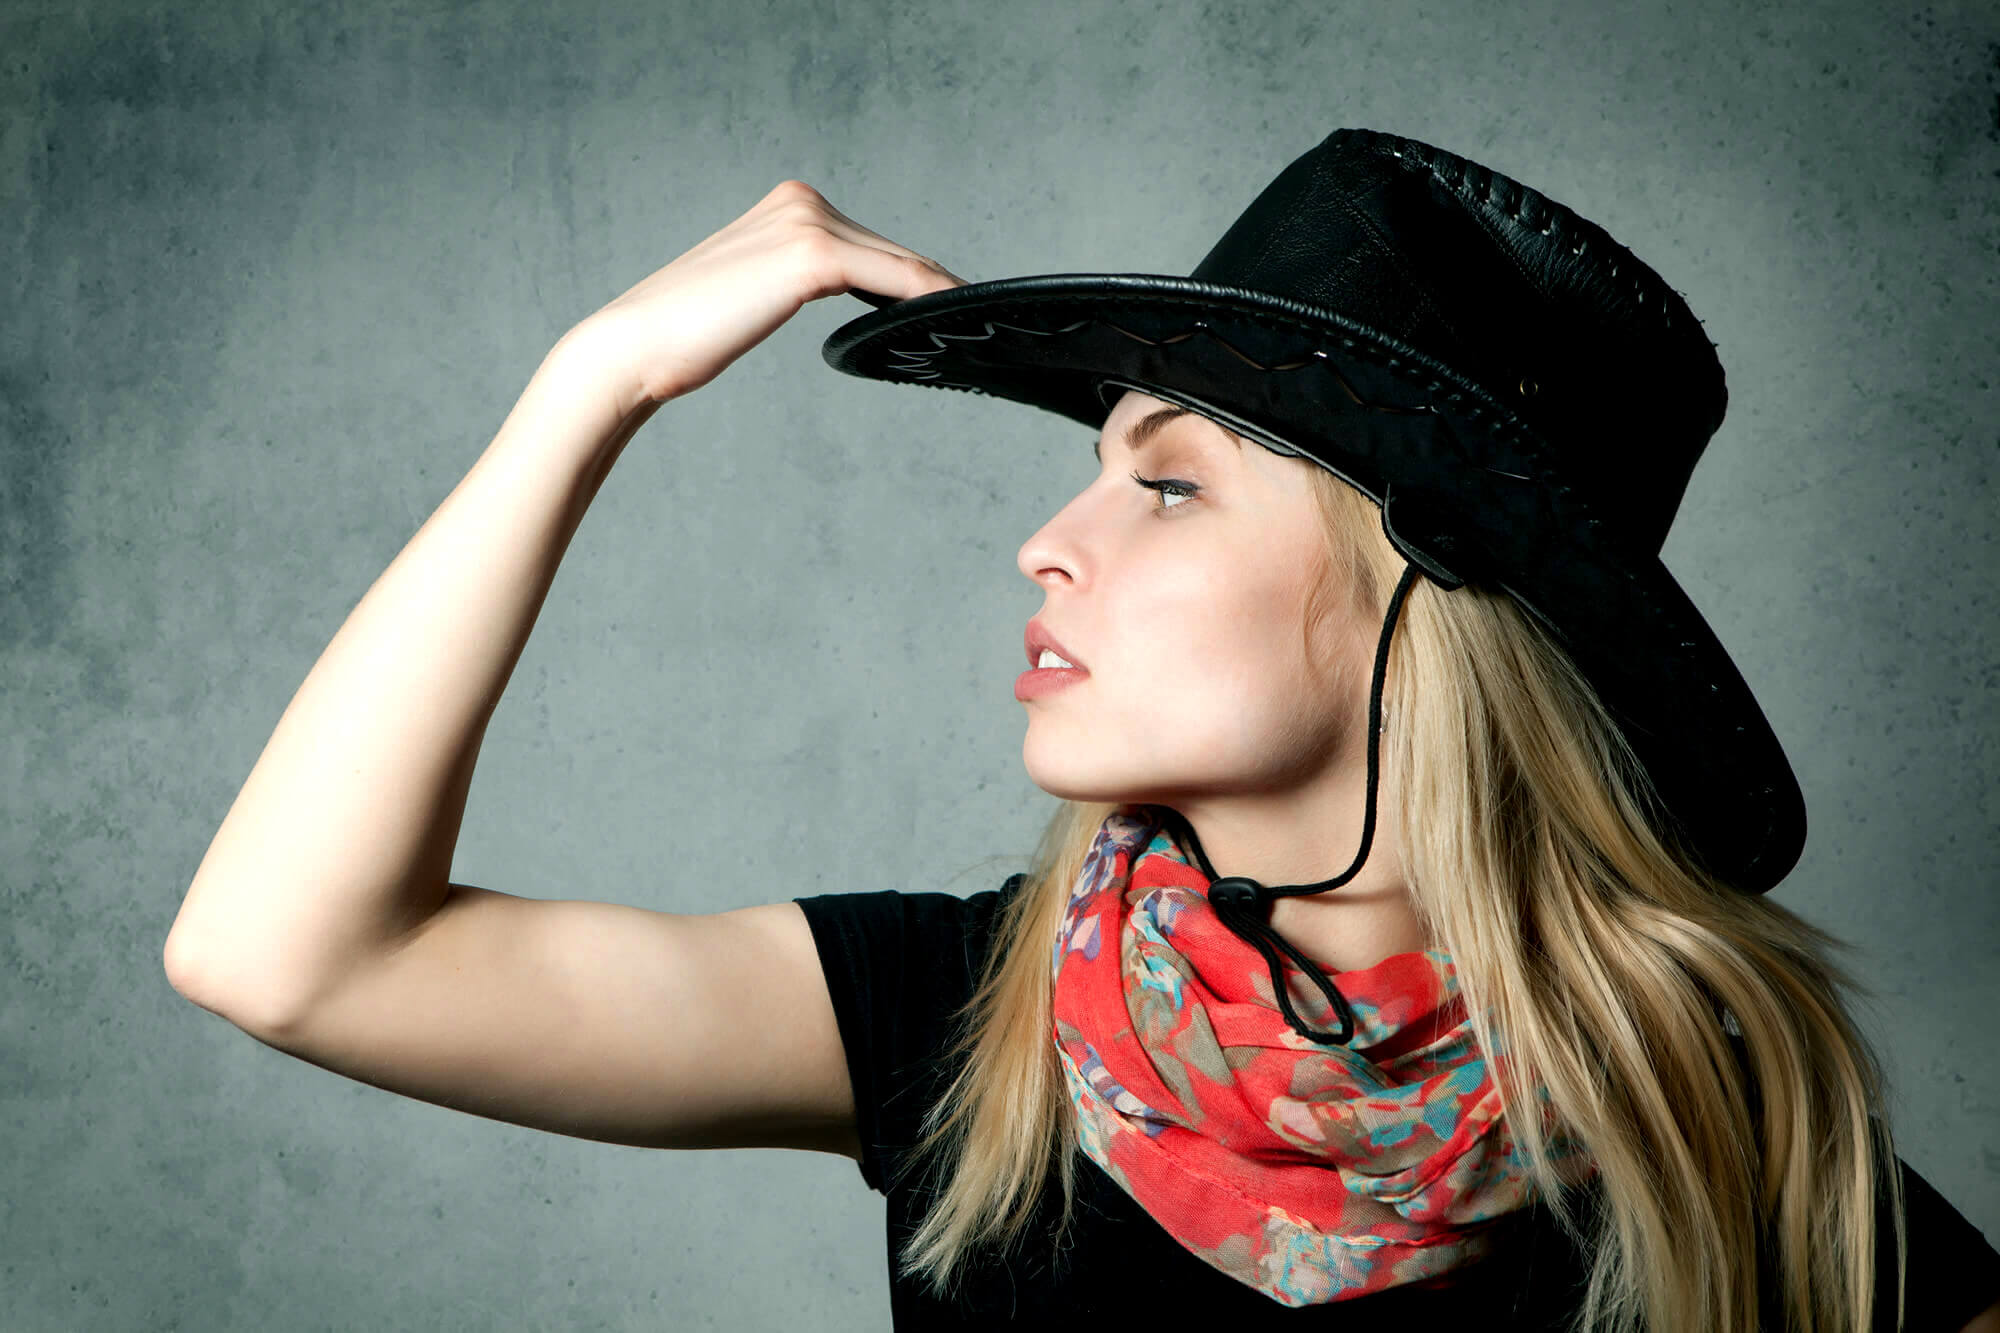 Western chic : les pièces de shopping online